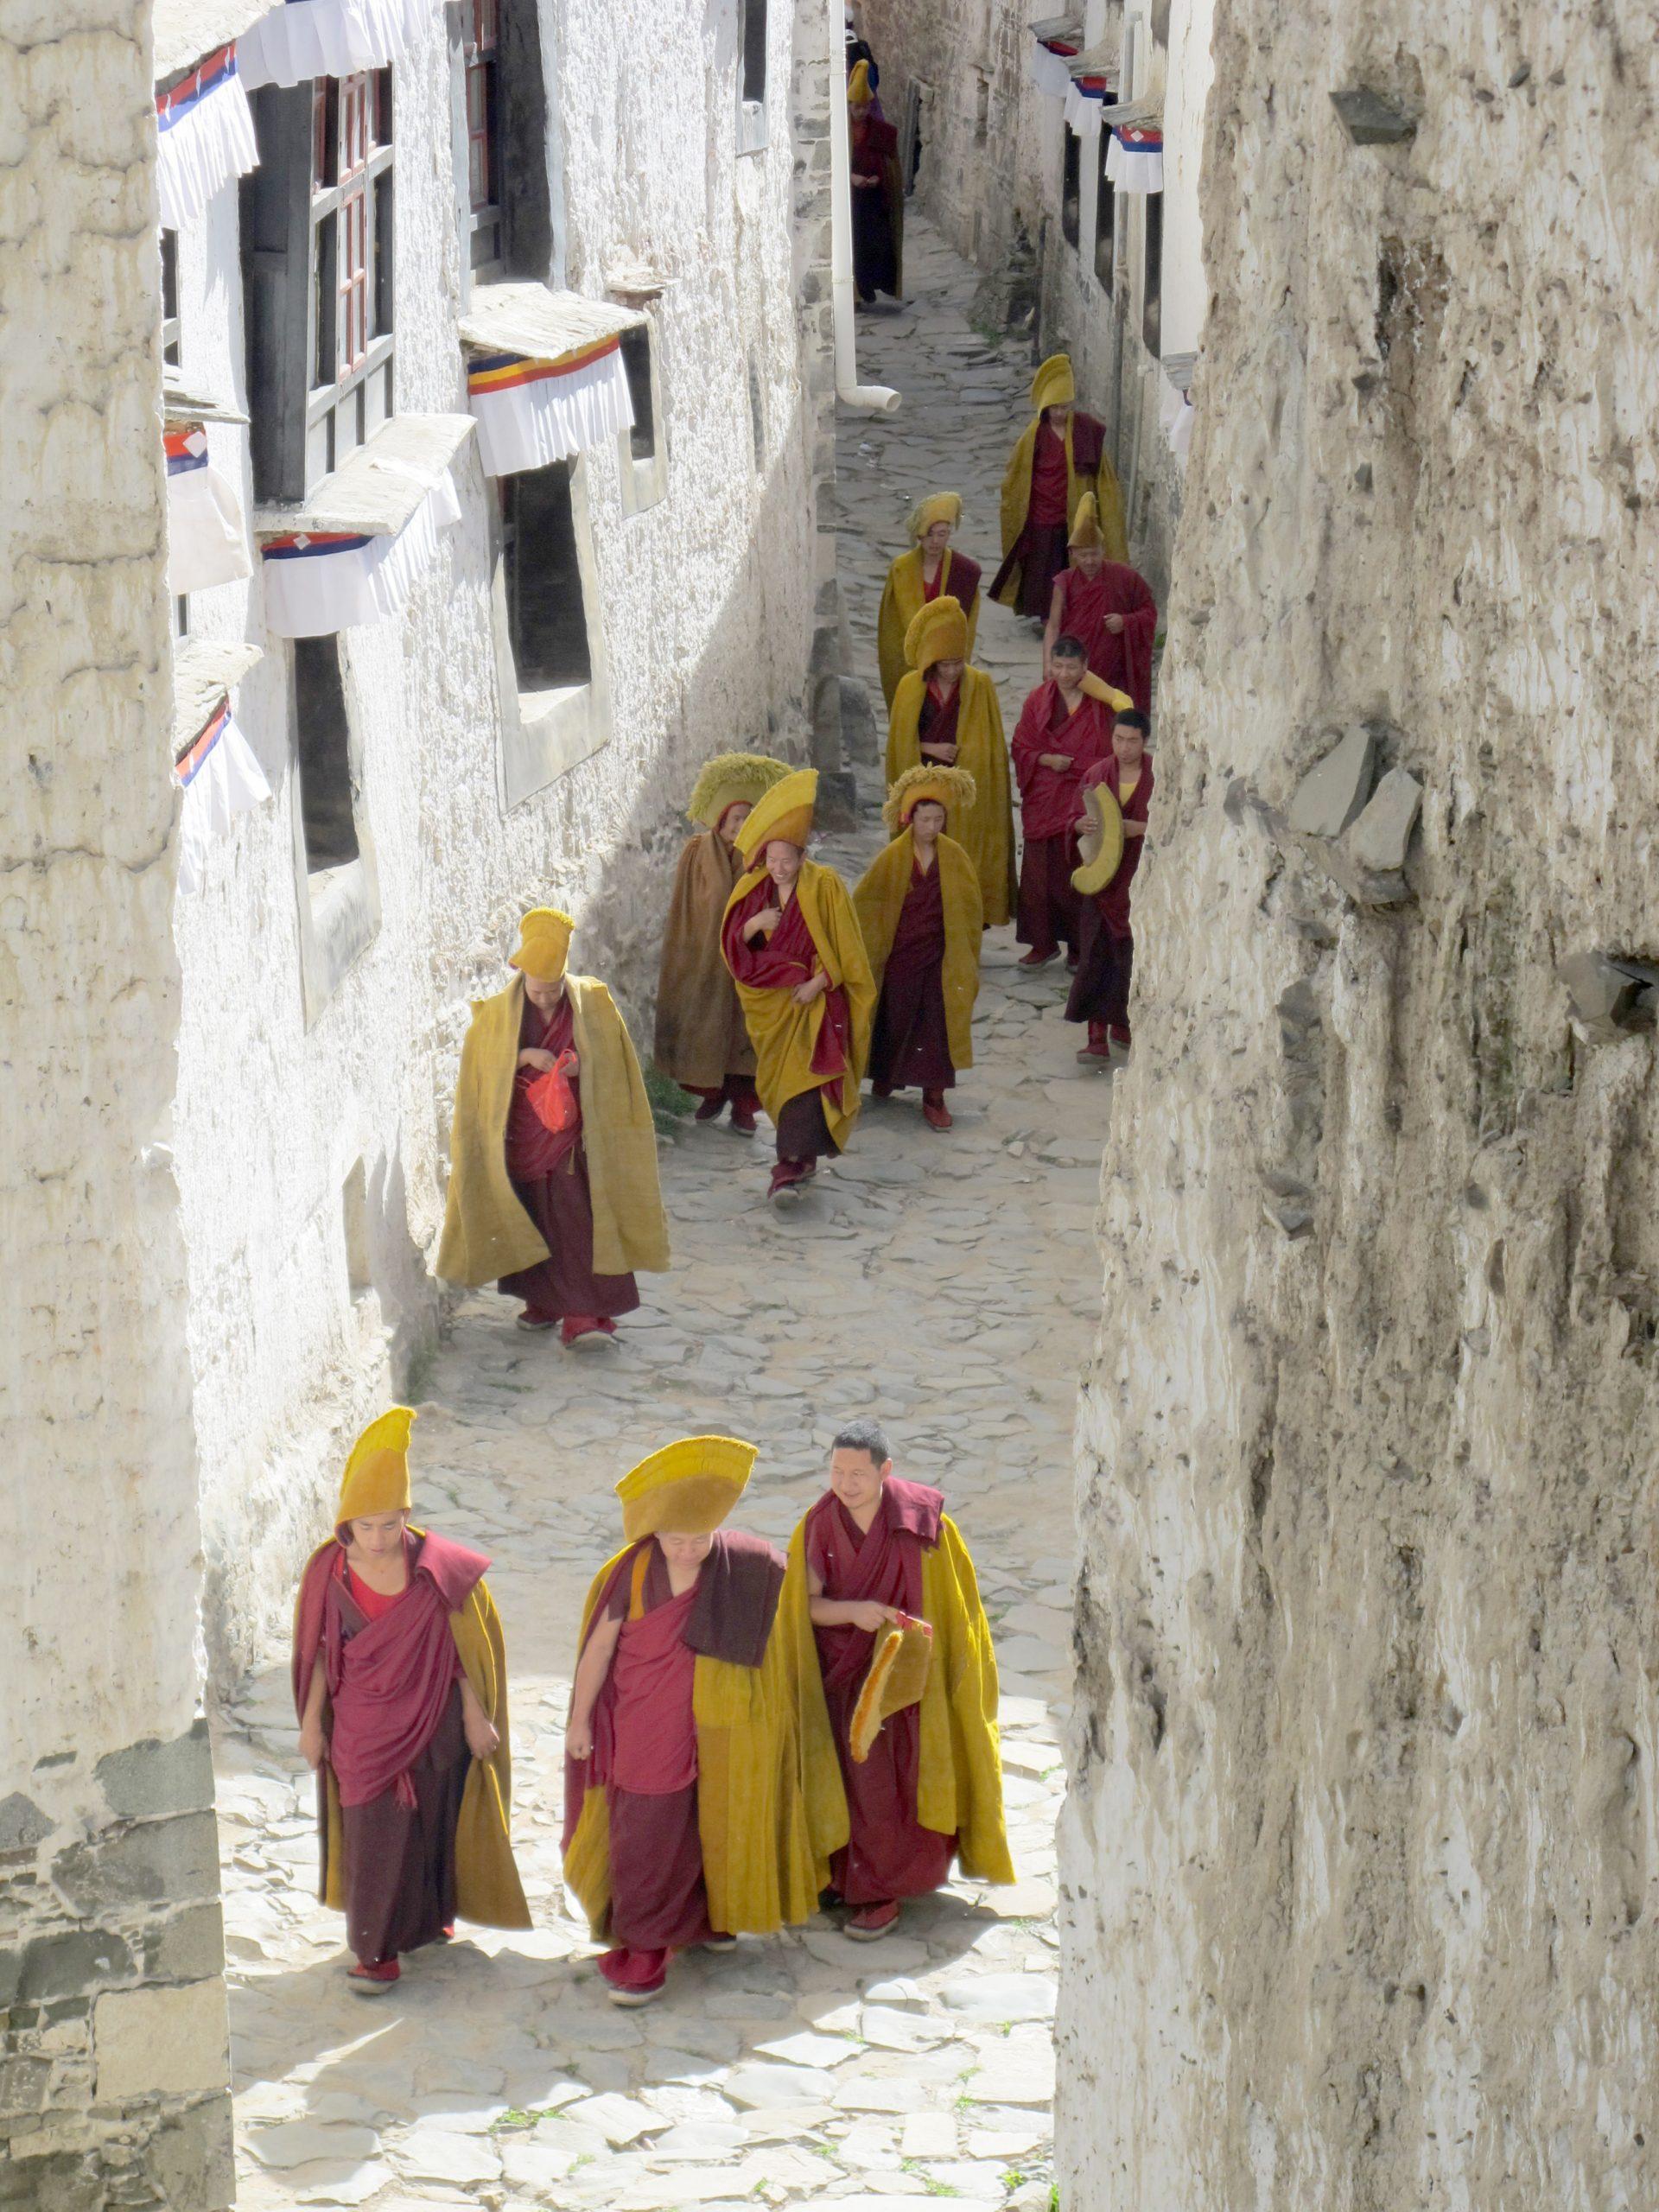 carretera de la amistad, friendship highway, viajar al tibet, viaje al tibet, tibet road, Shigatse, Monasterio de Tashilhunpo, tashilhumpo monastery, panchen lama